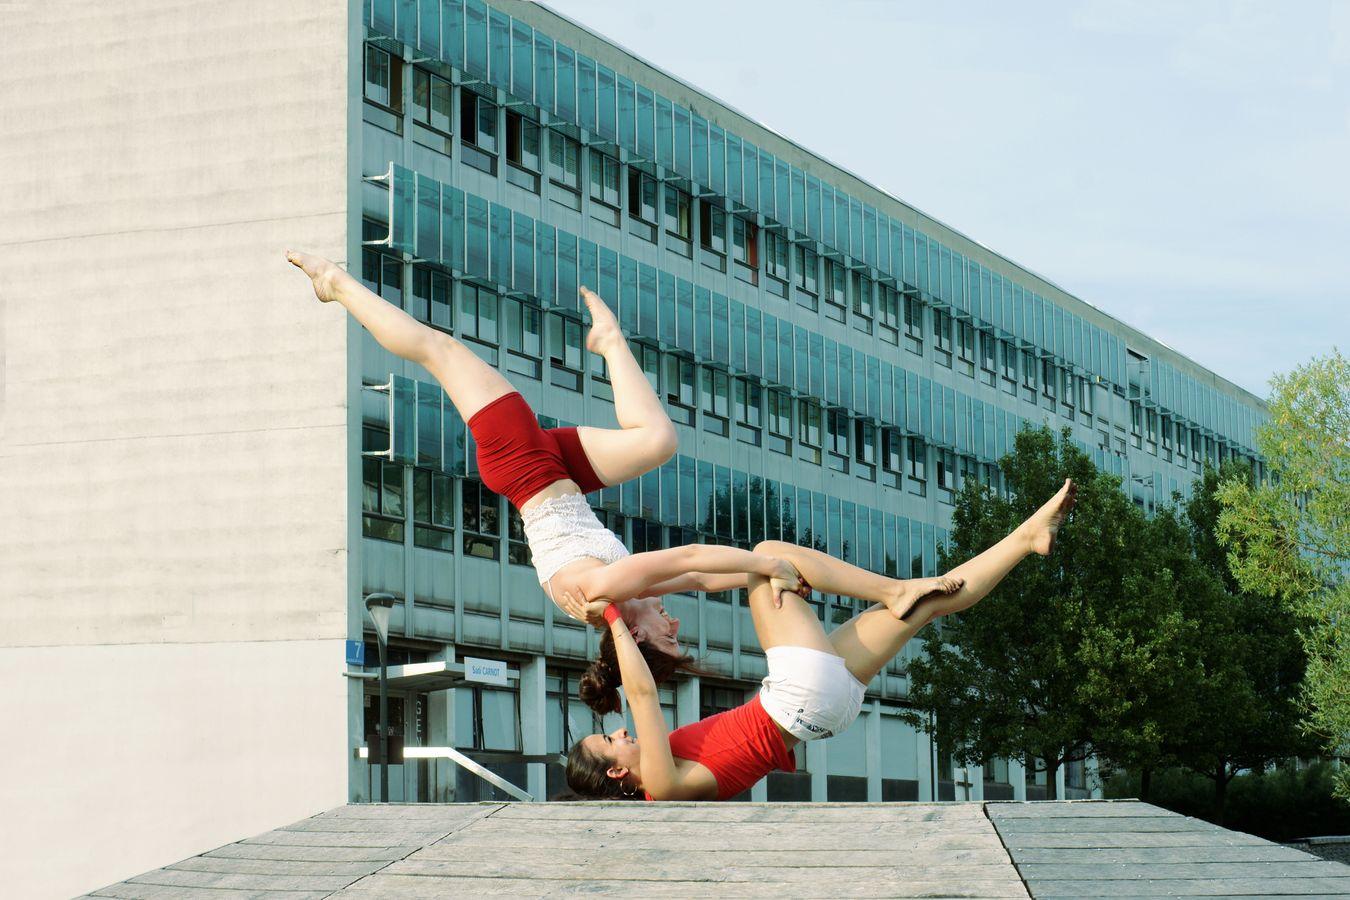 Iona et Marine pratique l'AcroYoga sur la campus de la Doua. Elle présentent une figure appelée counterbalance sur un podium en bois.